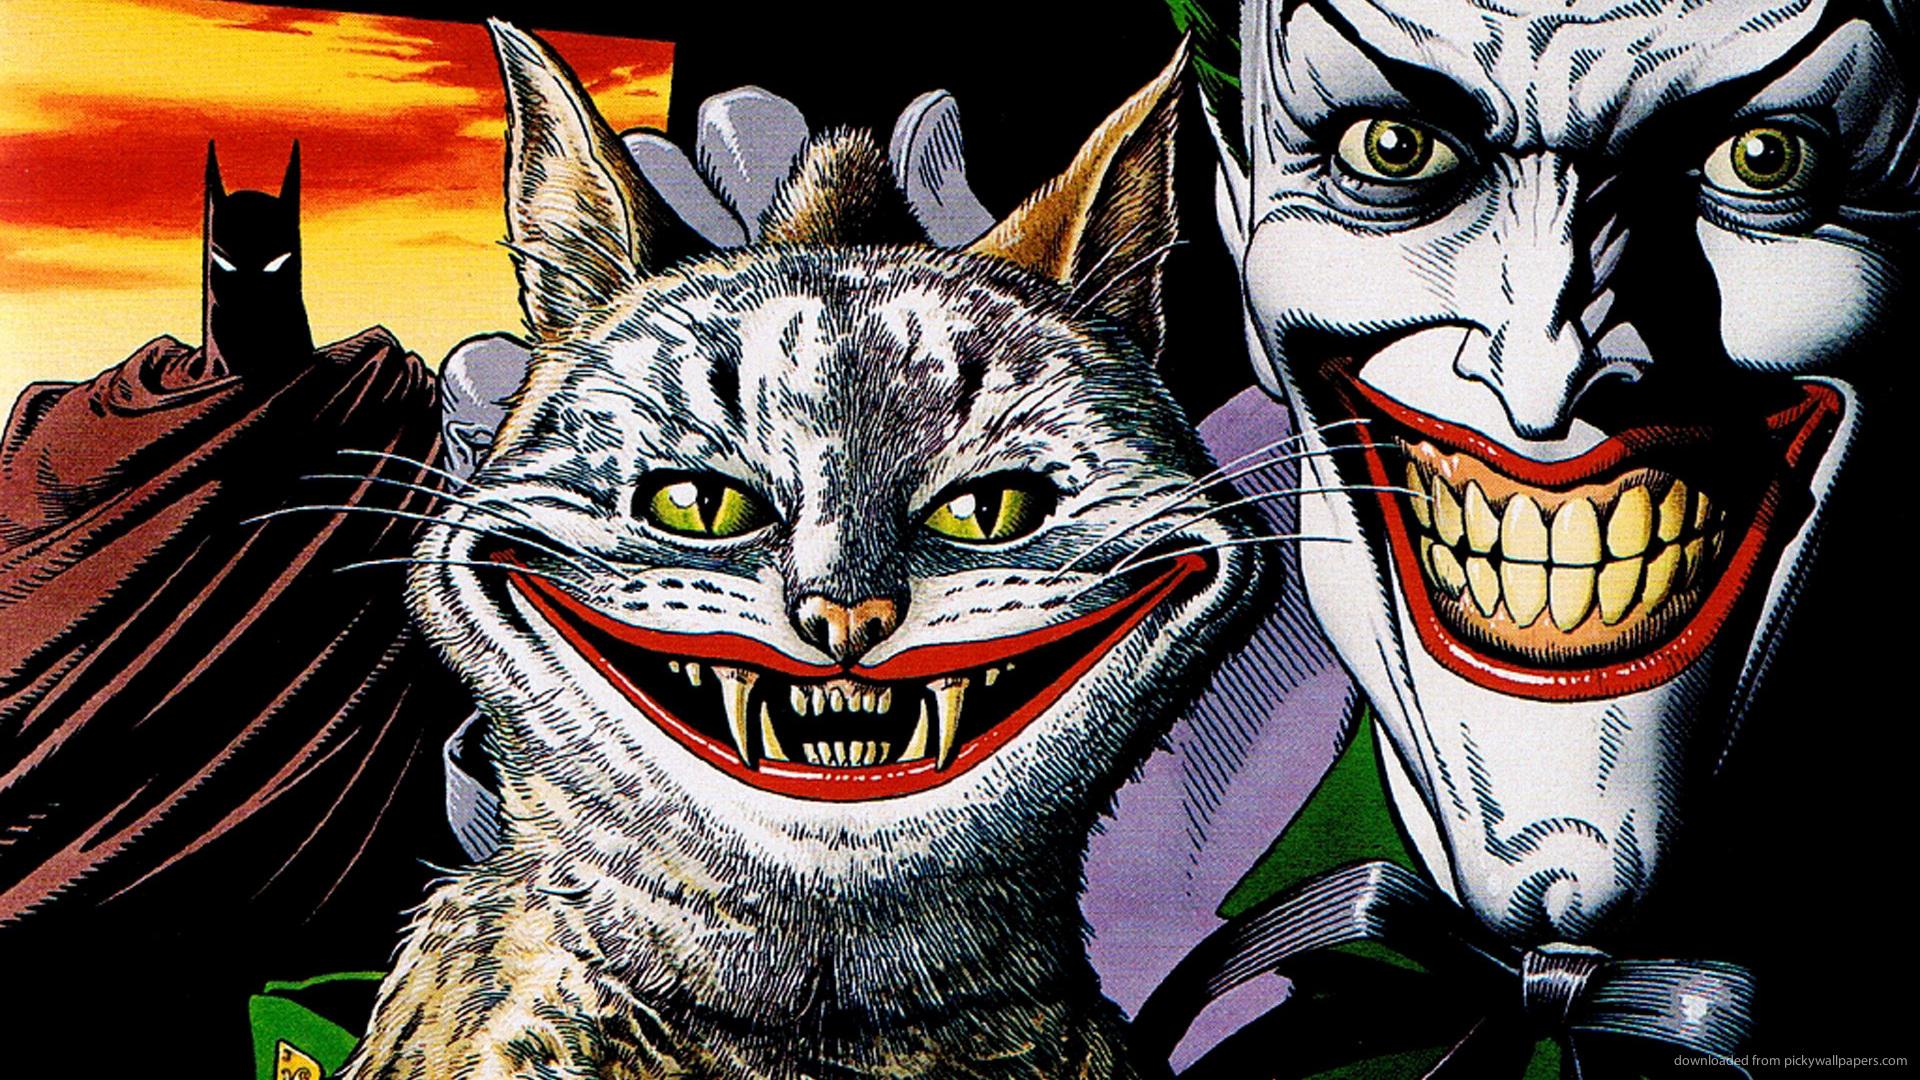 Joker Comic Wallpaper - WallpaperSafari